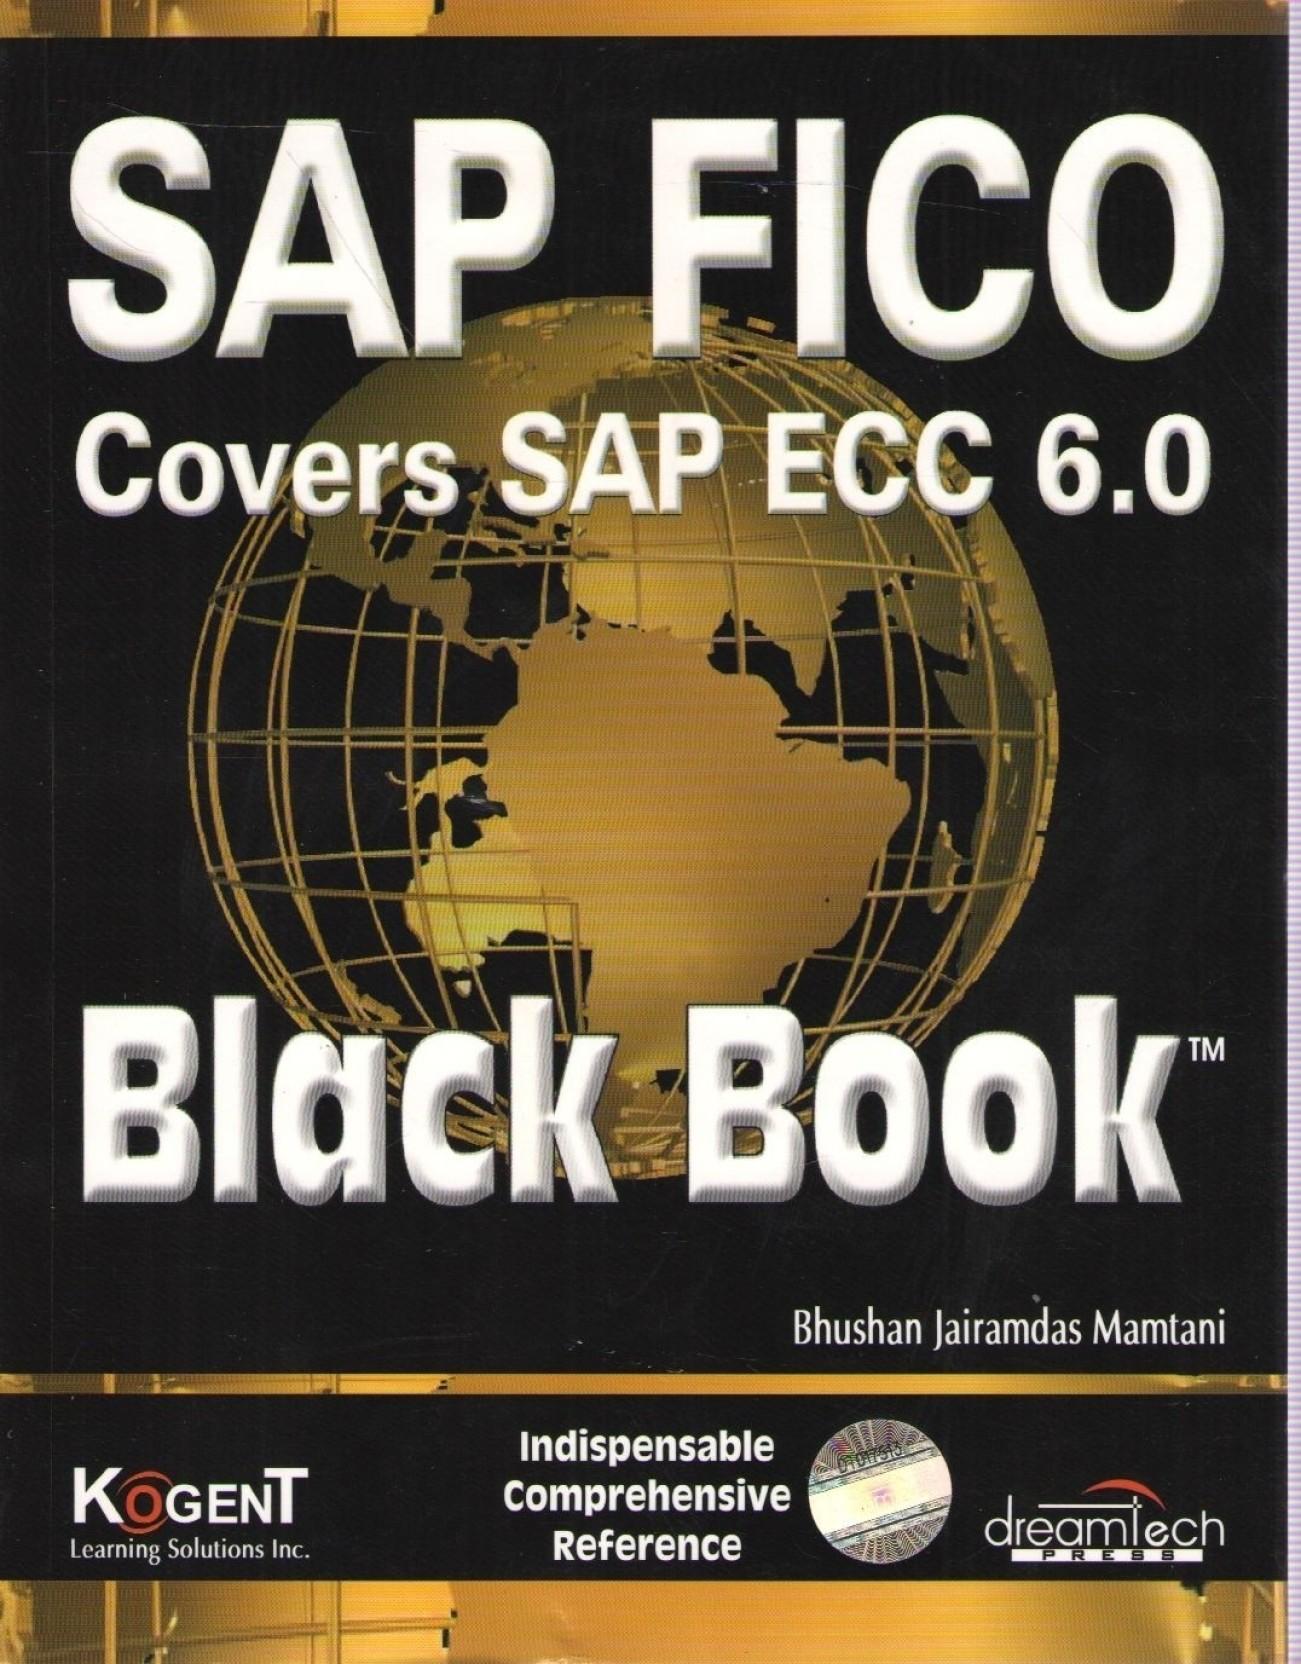 Book Cover Black Flipkart : Sap fico covers ecc black book buy